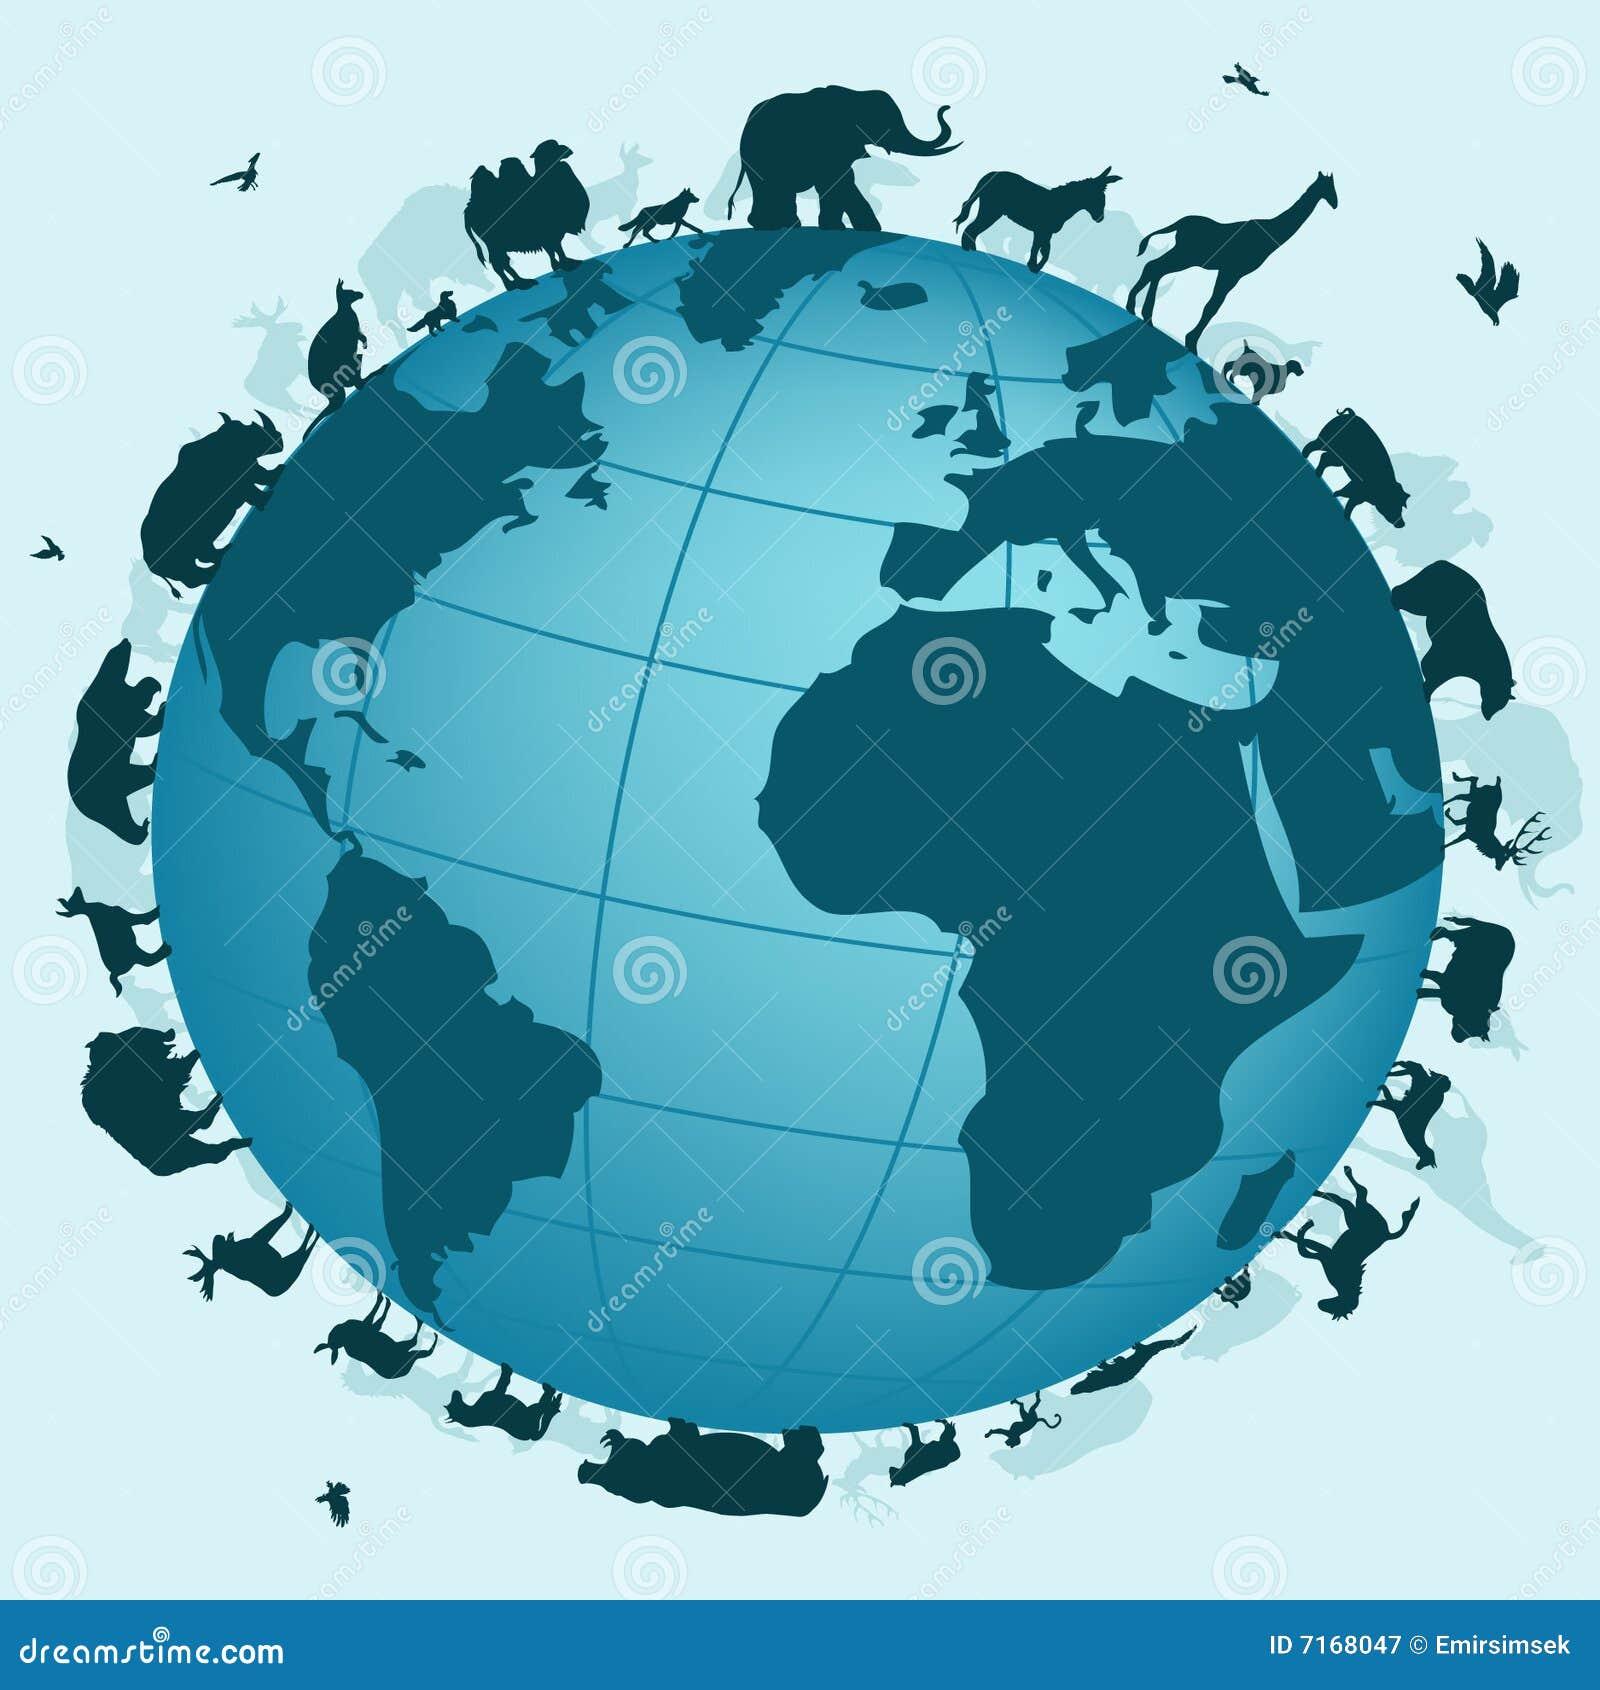 Wereld van dieren royalty vrije stock fotografie afbeelding 7168047 - Vloerlamp van de wereld ...